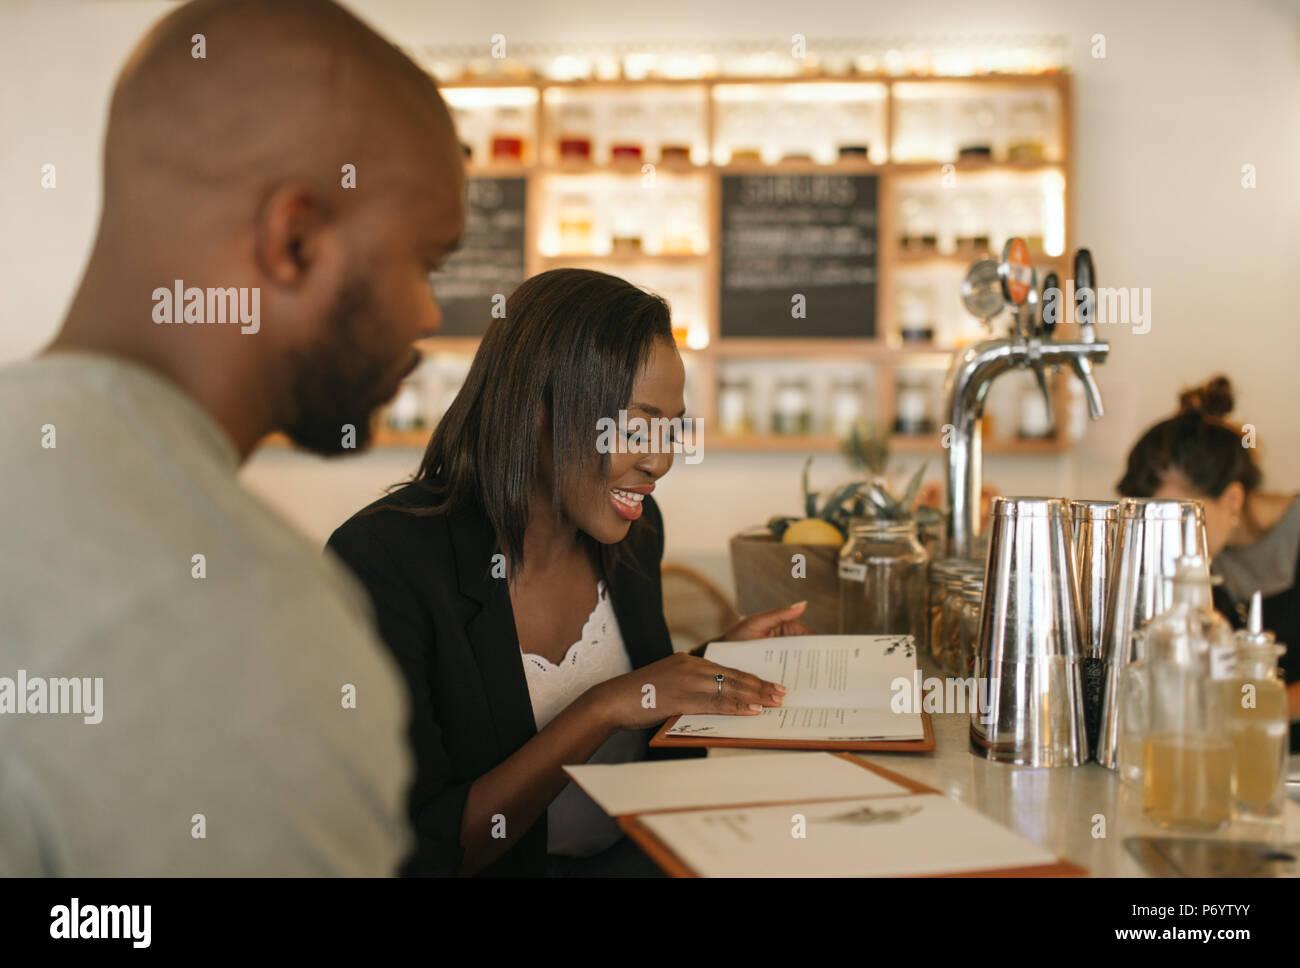 Lächelnden jungen afrikanischen amerikanischen Paar lesen Menüs in einer Bar Stockbild